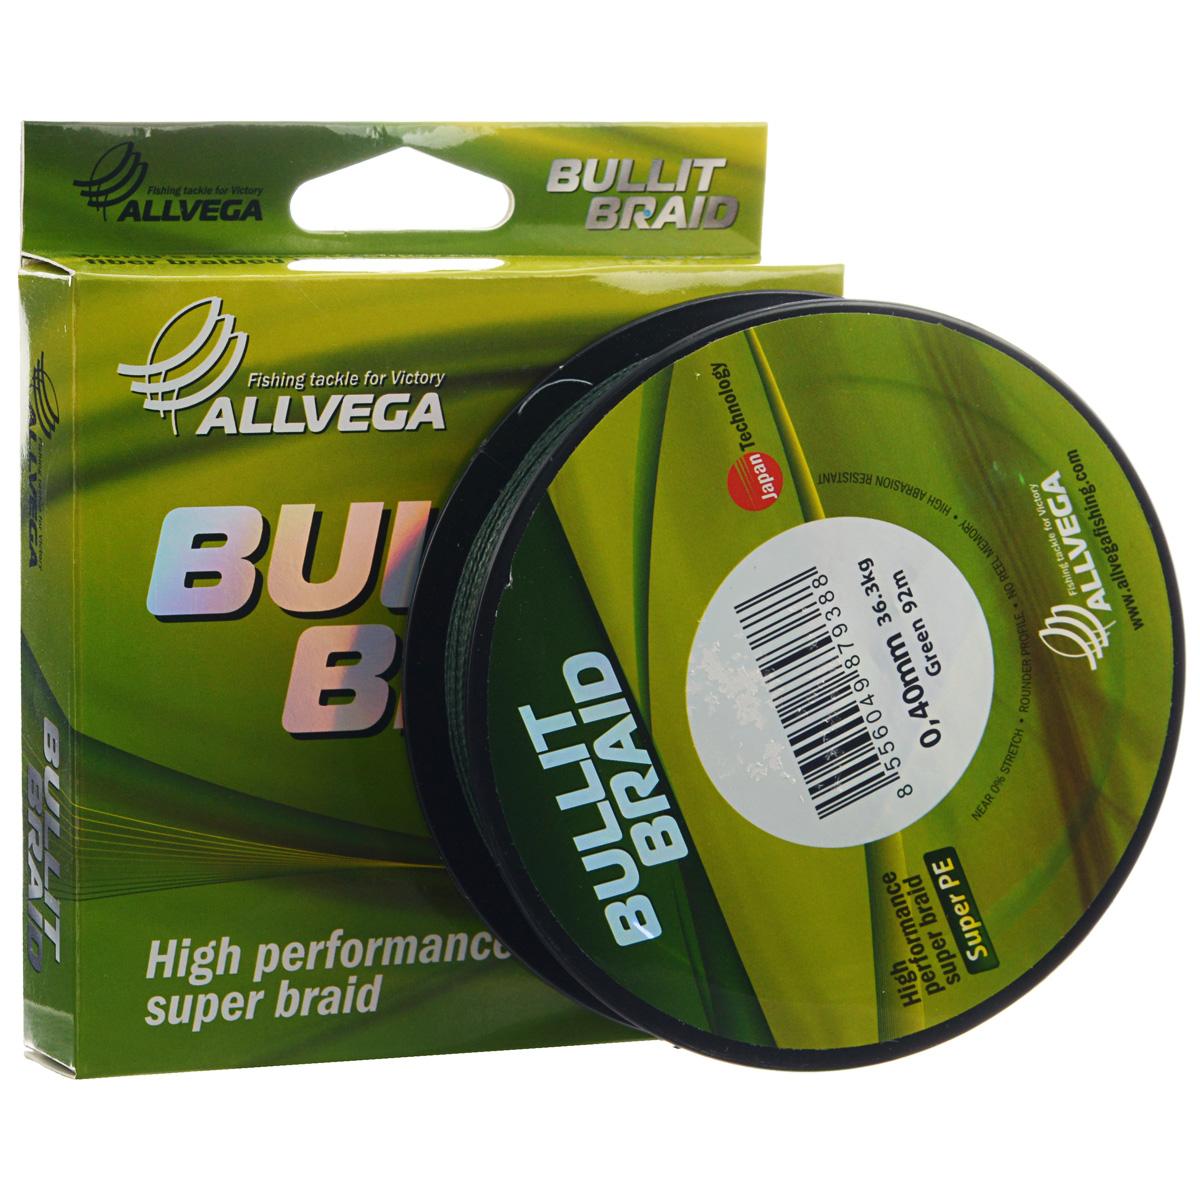 Леска плетеная Allvega Bullit Braid, цвет: темно-зеленый, 92 м, 0,4 мм, 36,3 кг4271825Леска Allvega Bullit Braid разработана с учетом новейших японских технологий в сфере строения волокон. Благодаря микроволокнам полиэтилена (Super PE) леска имеет очень плотное плетение, не впитывает воду, имеет гладкую круглую поверхность и одинаковое сечение по всей длине.